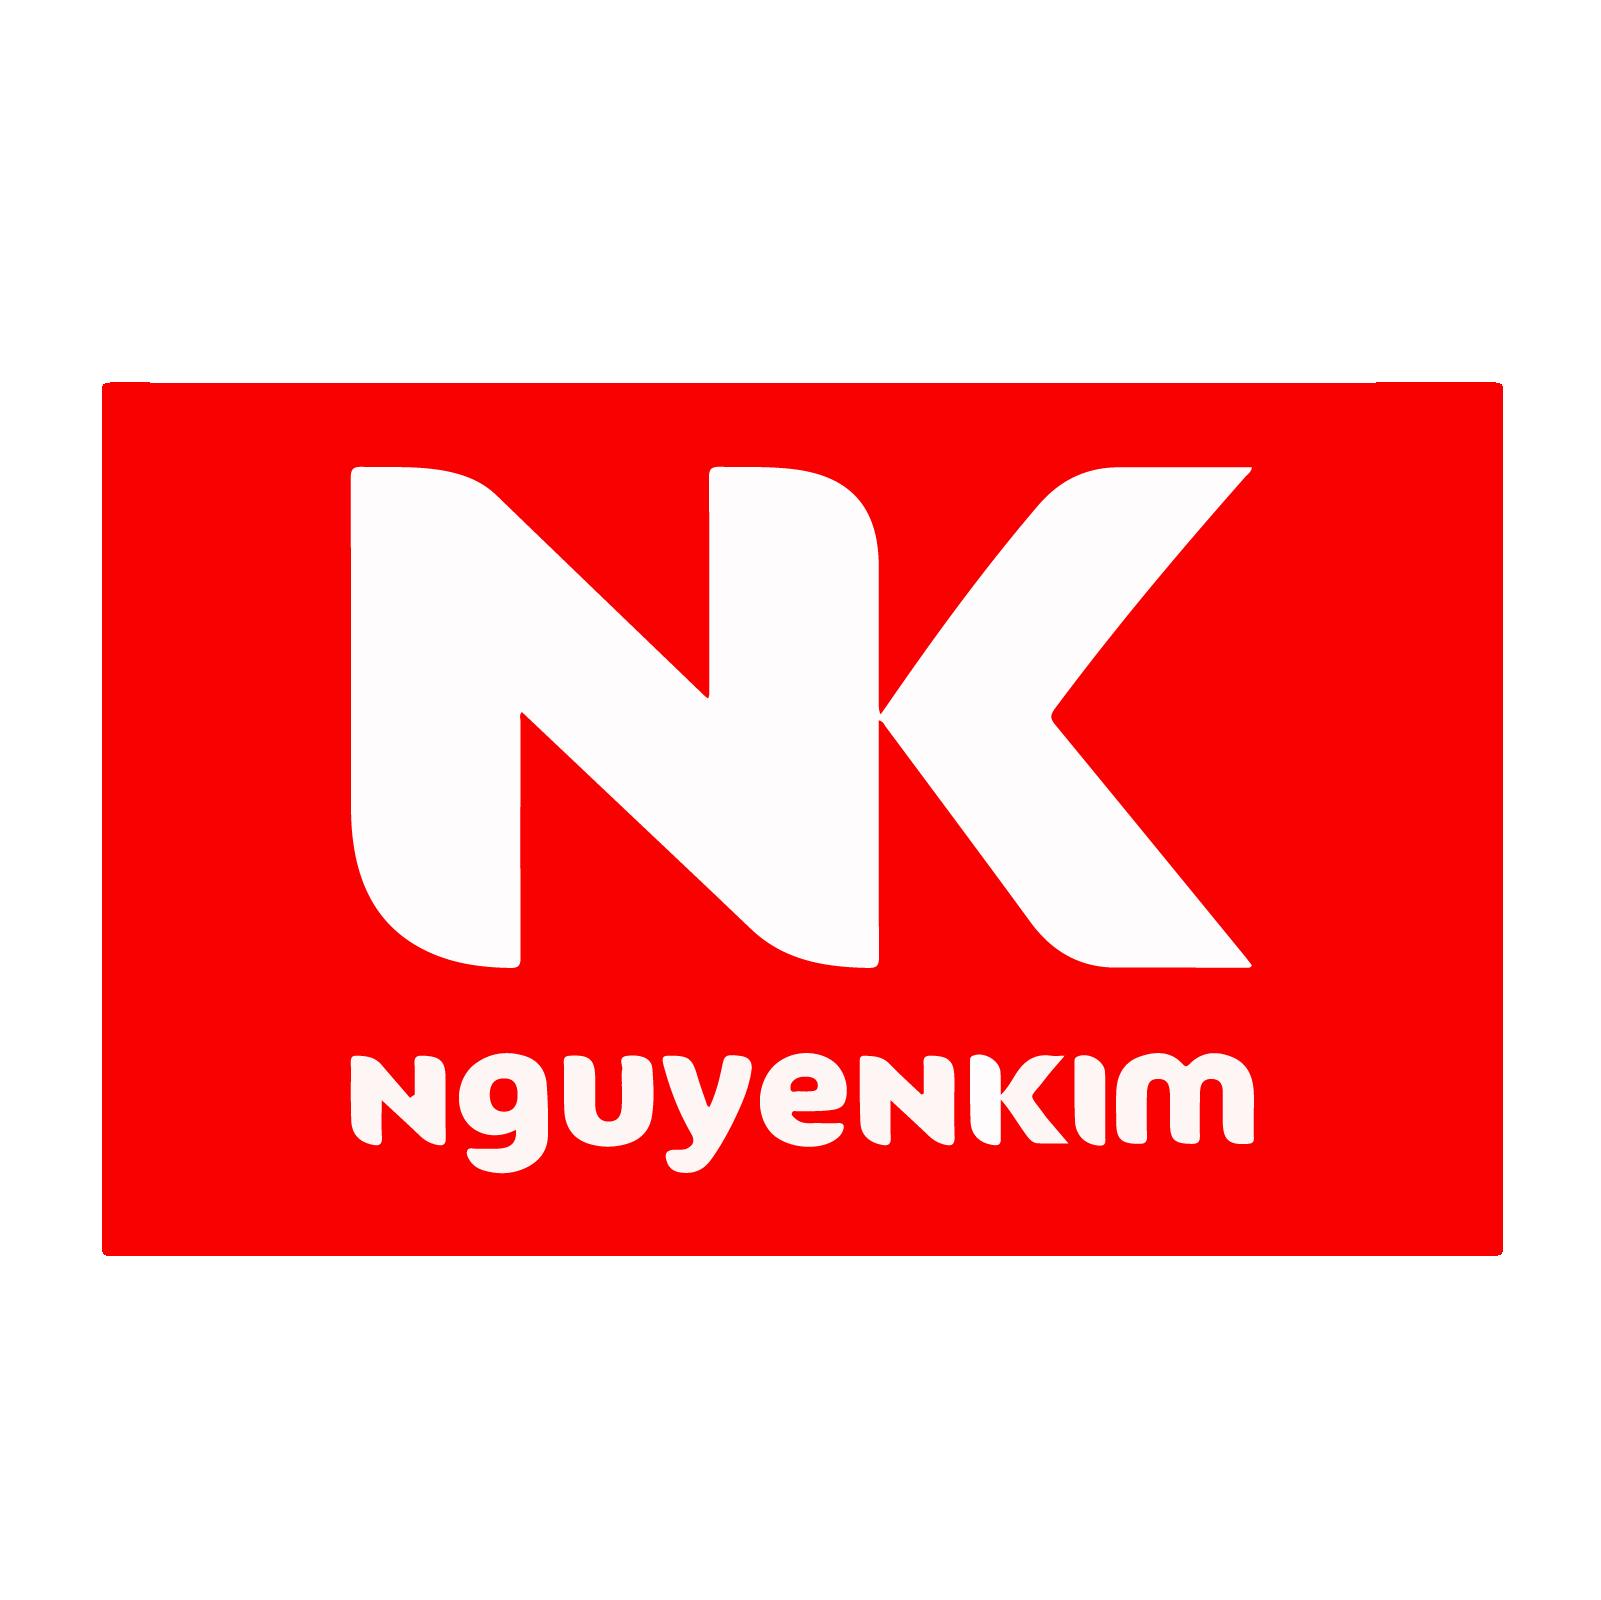 LOGO NGUYEN KIM